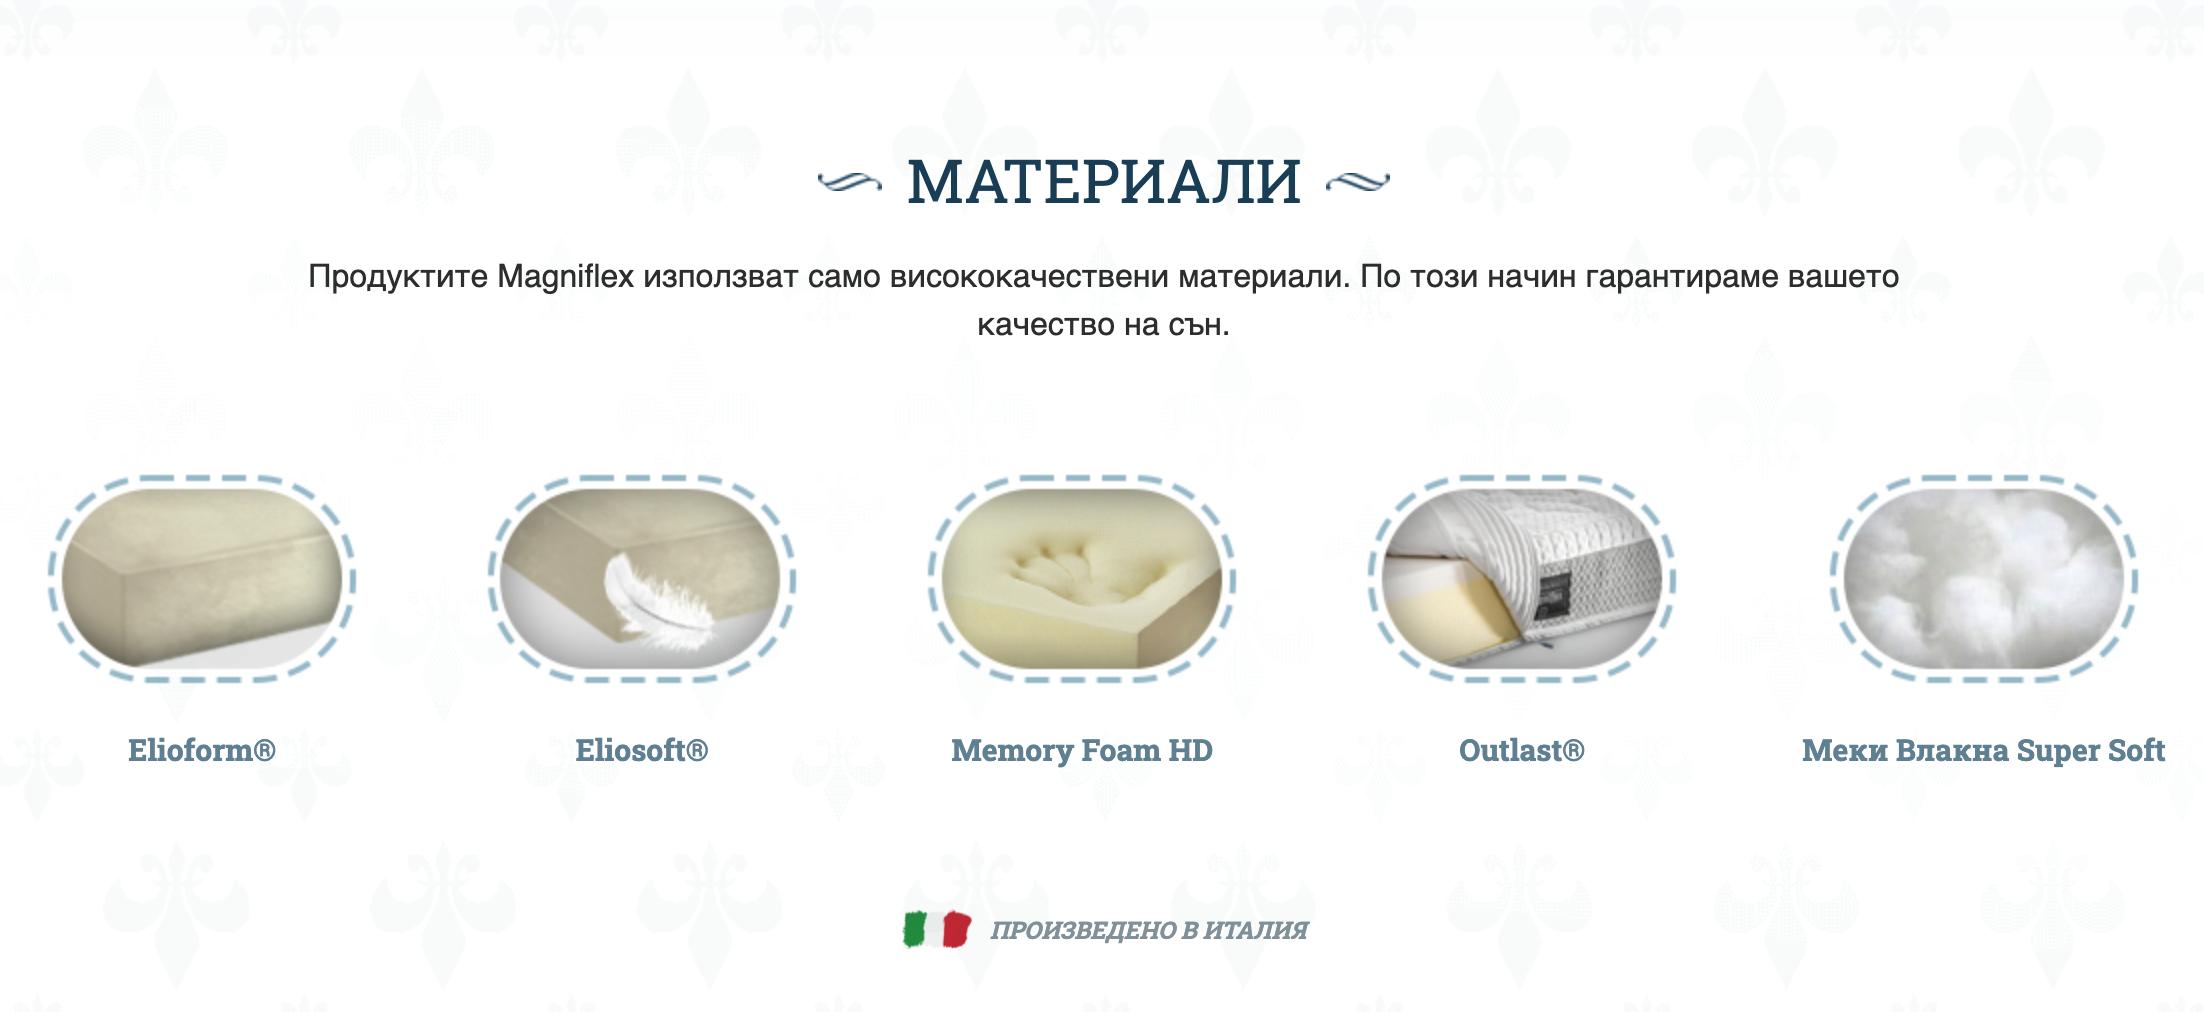 Матрак Magniflex MagniStretch